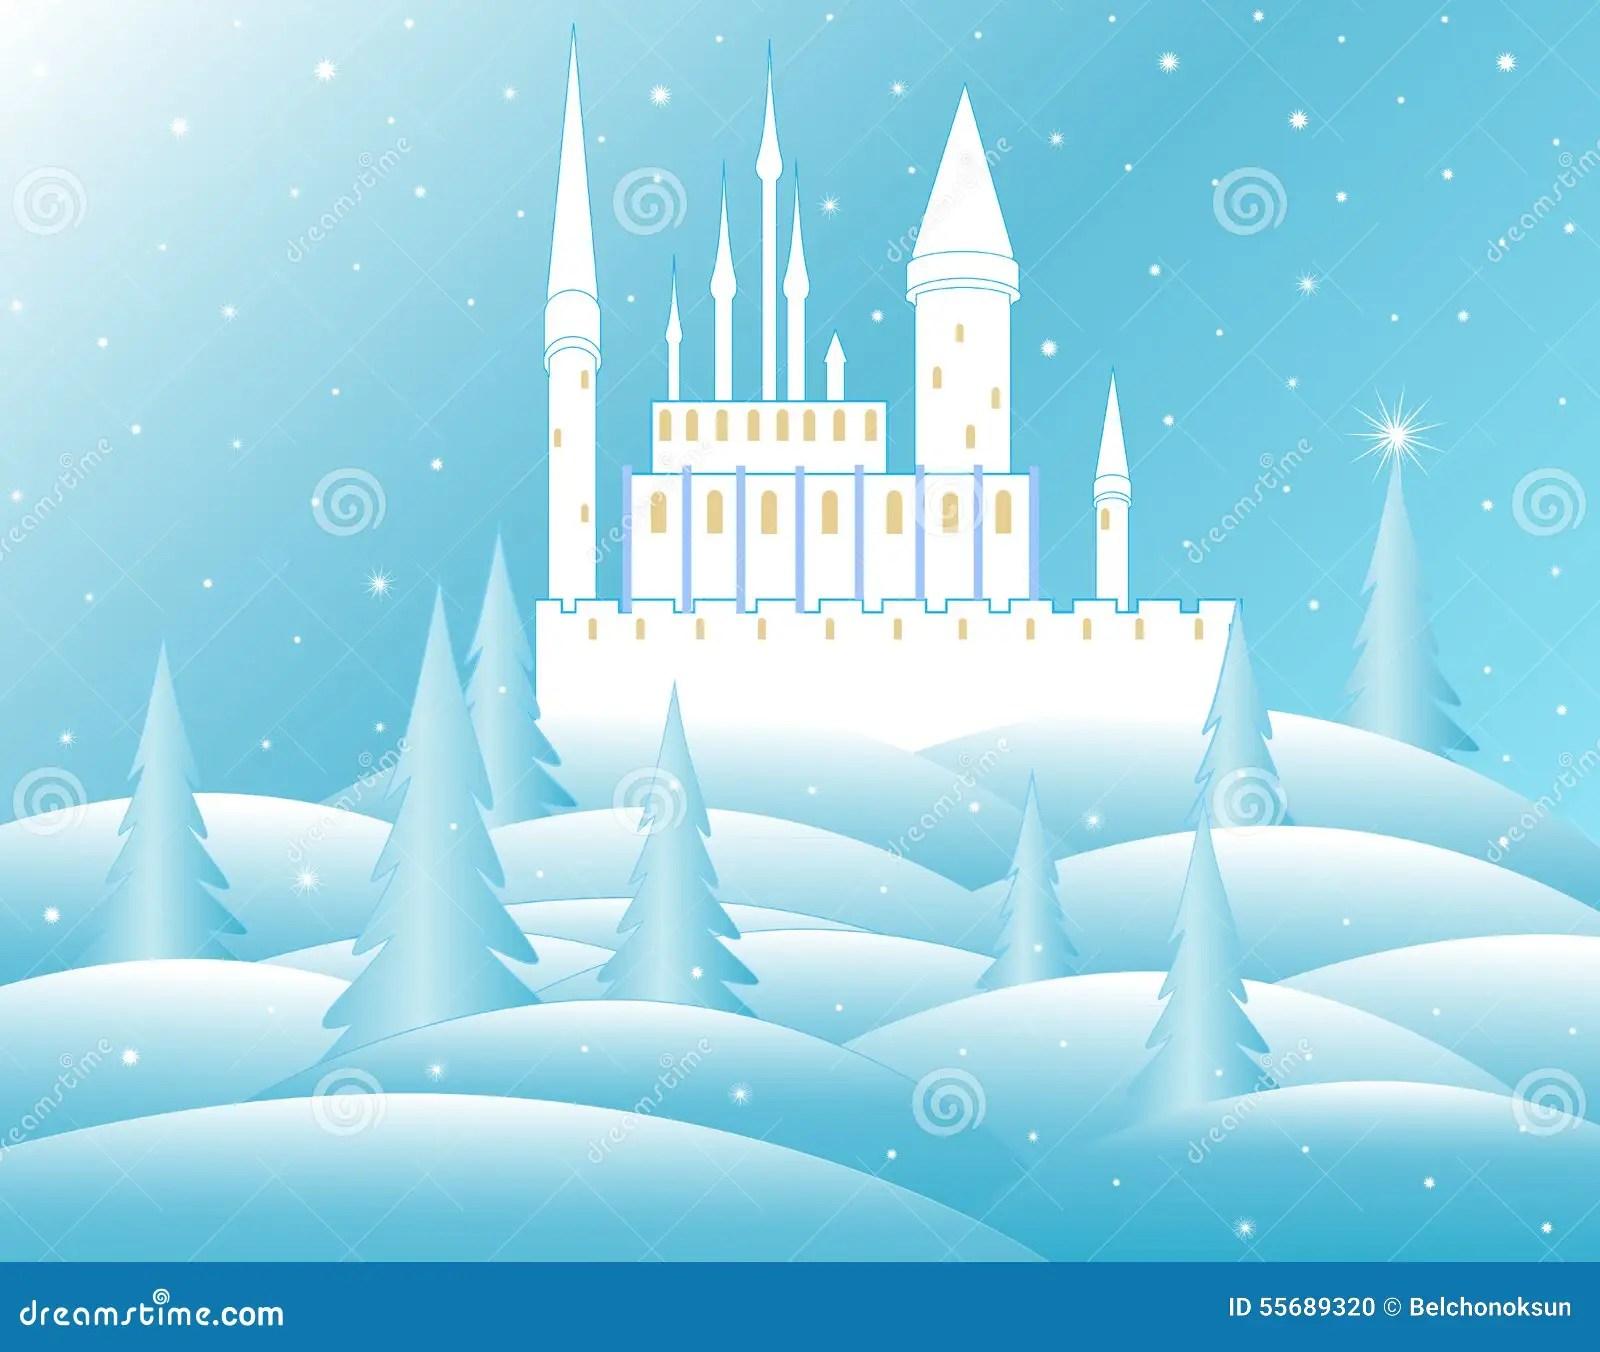 Vector Snow Queens Castle In Frozen Forest Stock Vector